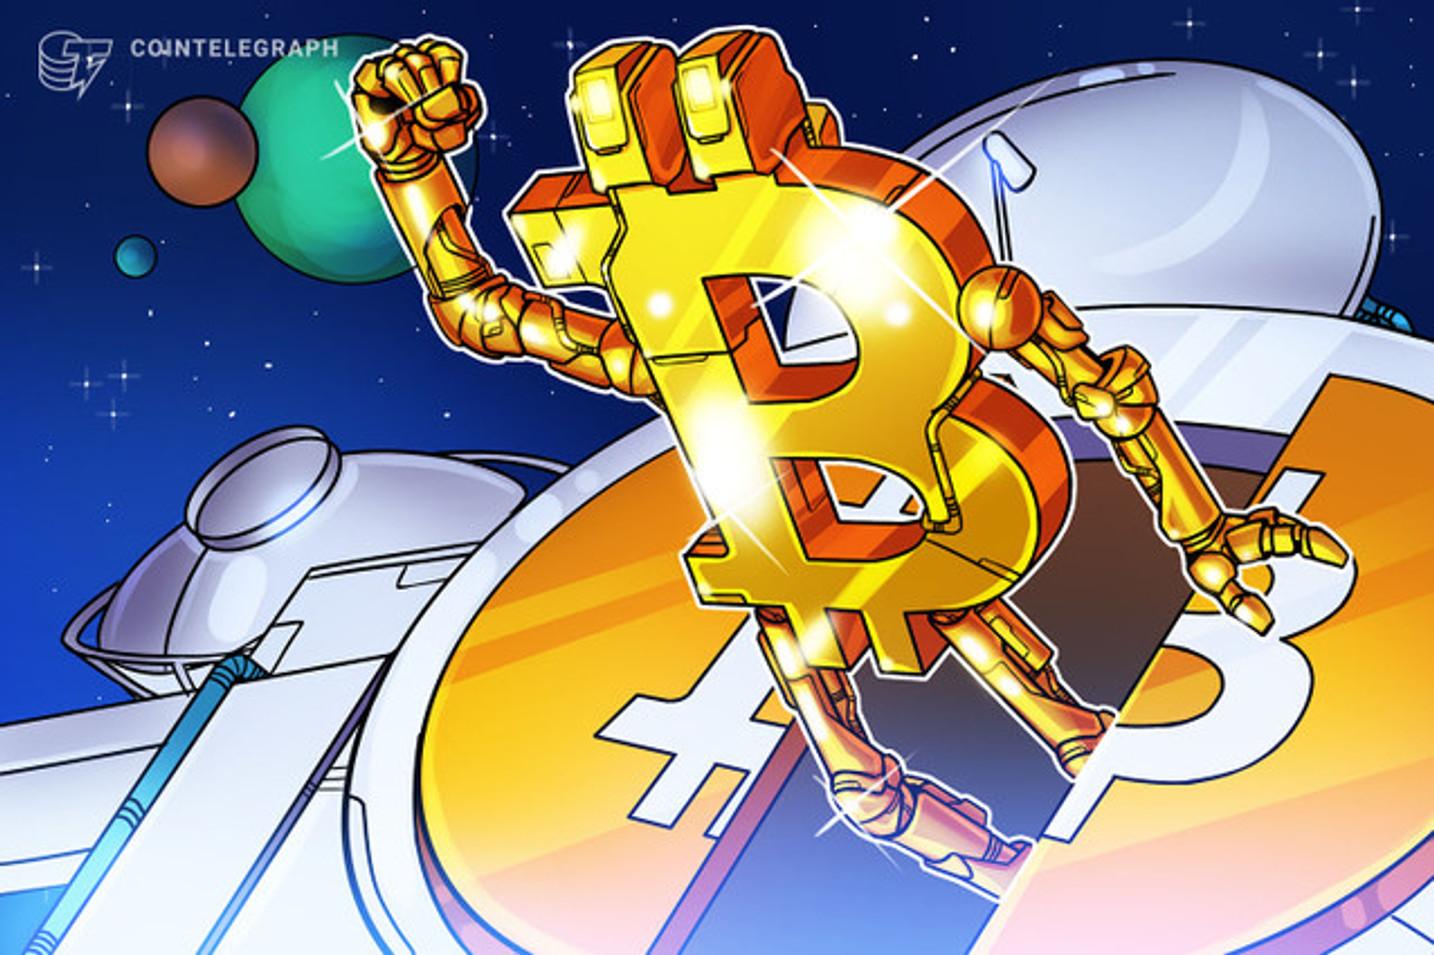 El suministro actual de Bitcoin es suficiente para pagar la deuda externa de 9 países de América Latina